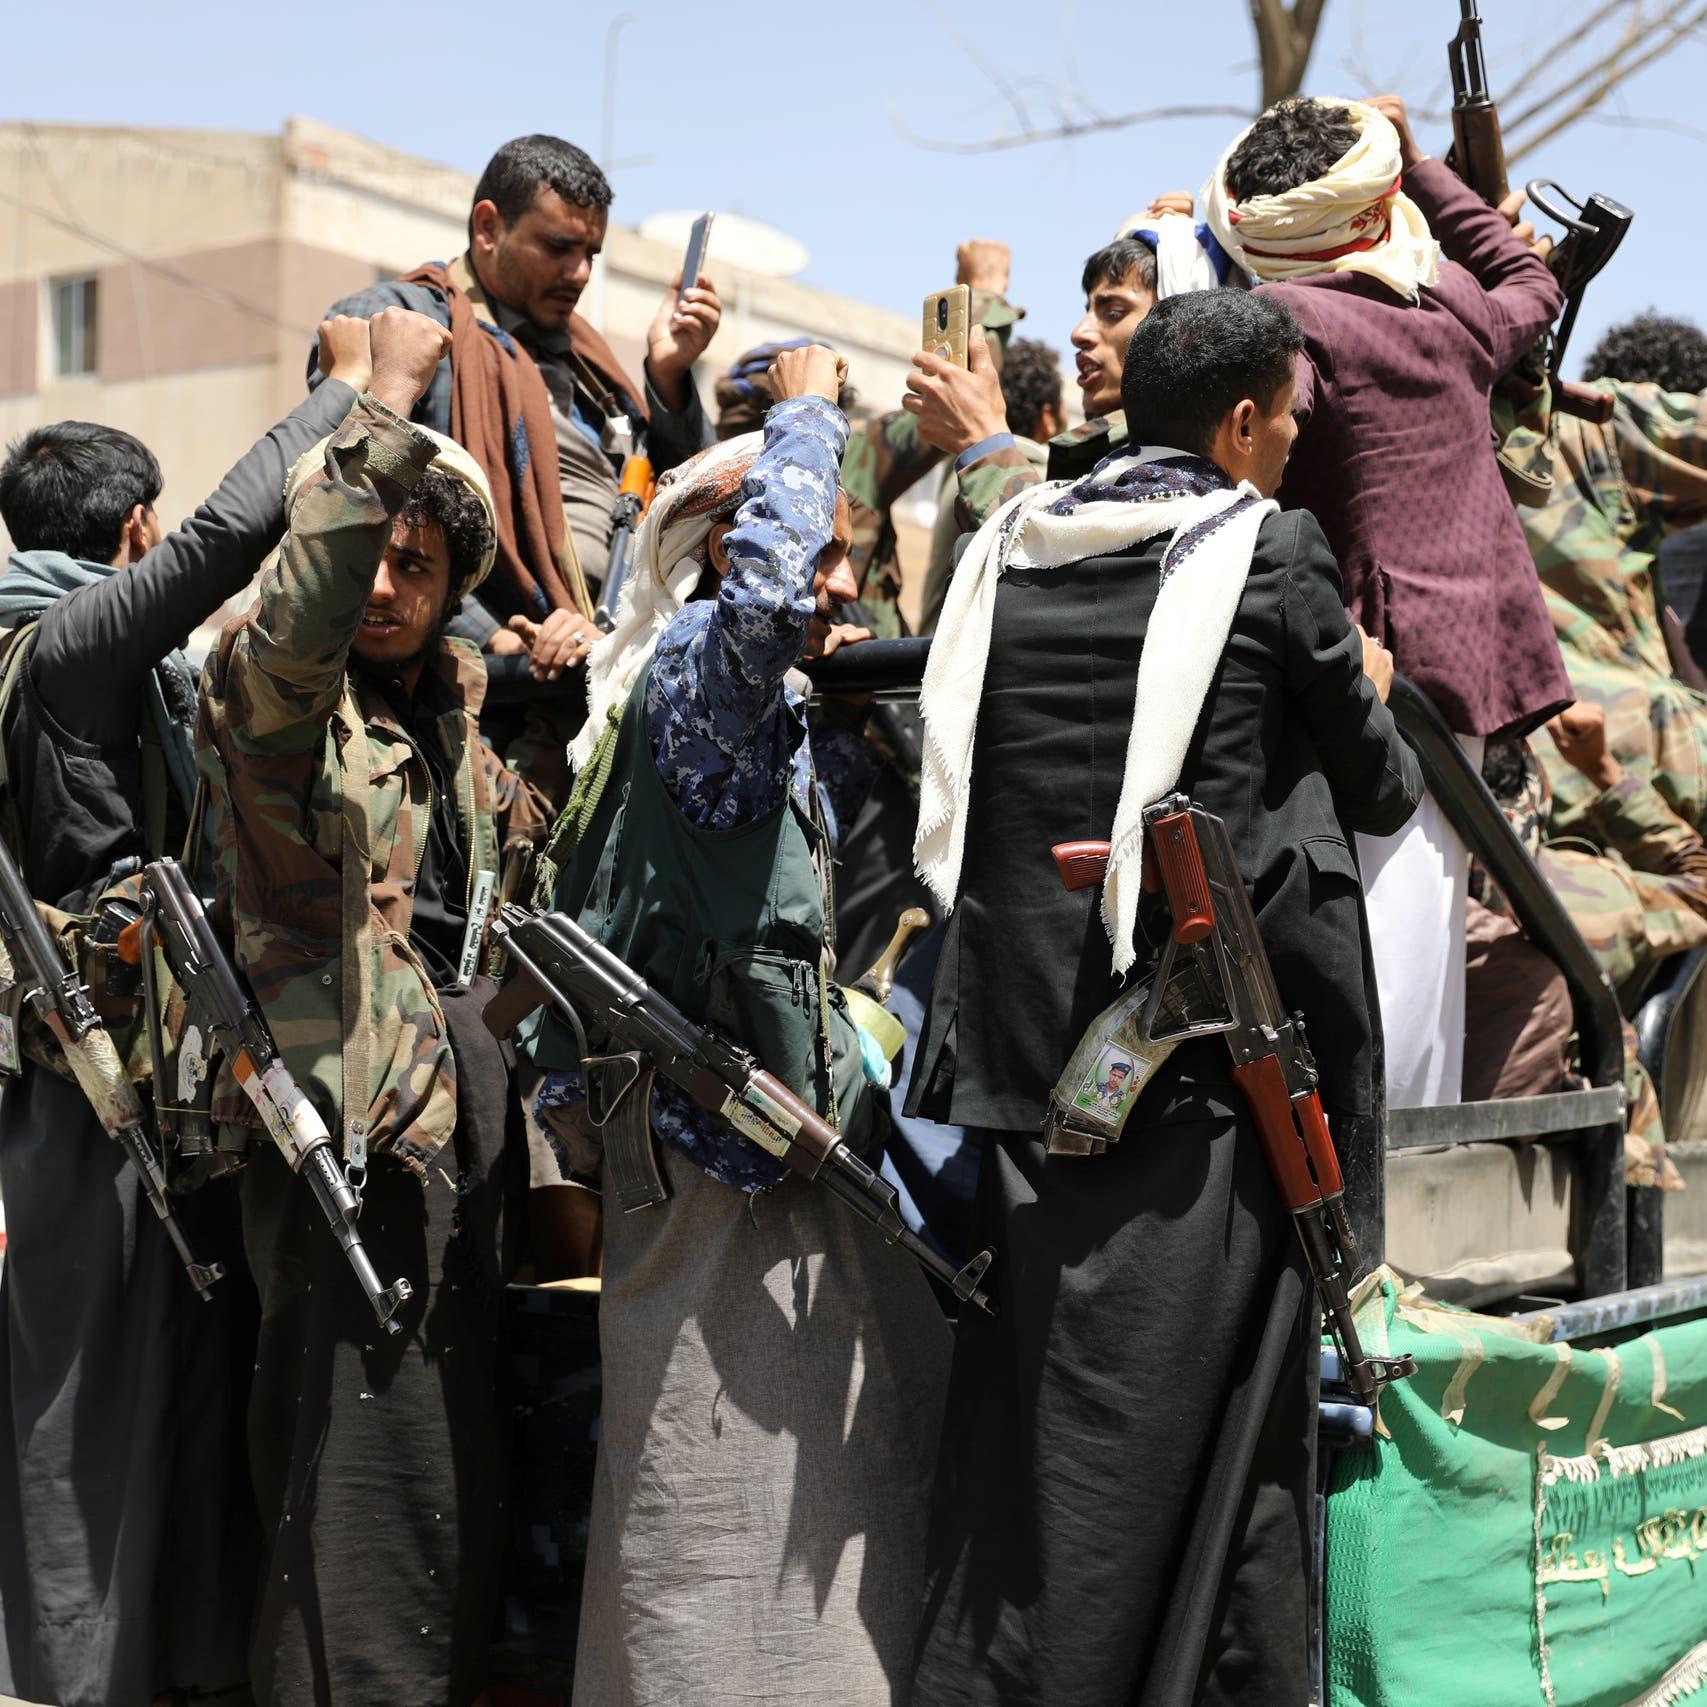 الحوثيون يفرجون عن أميركيين.. وواشنطن تشكر السعودية وعُمان